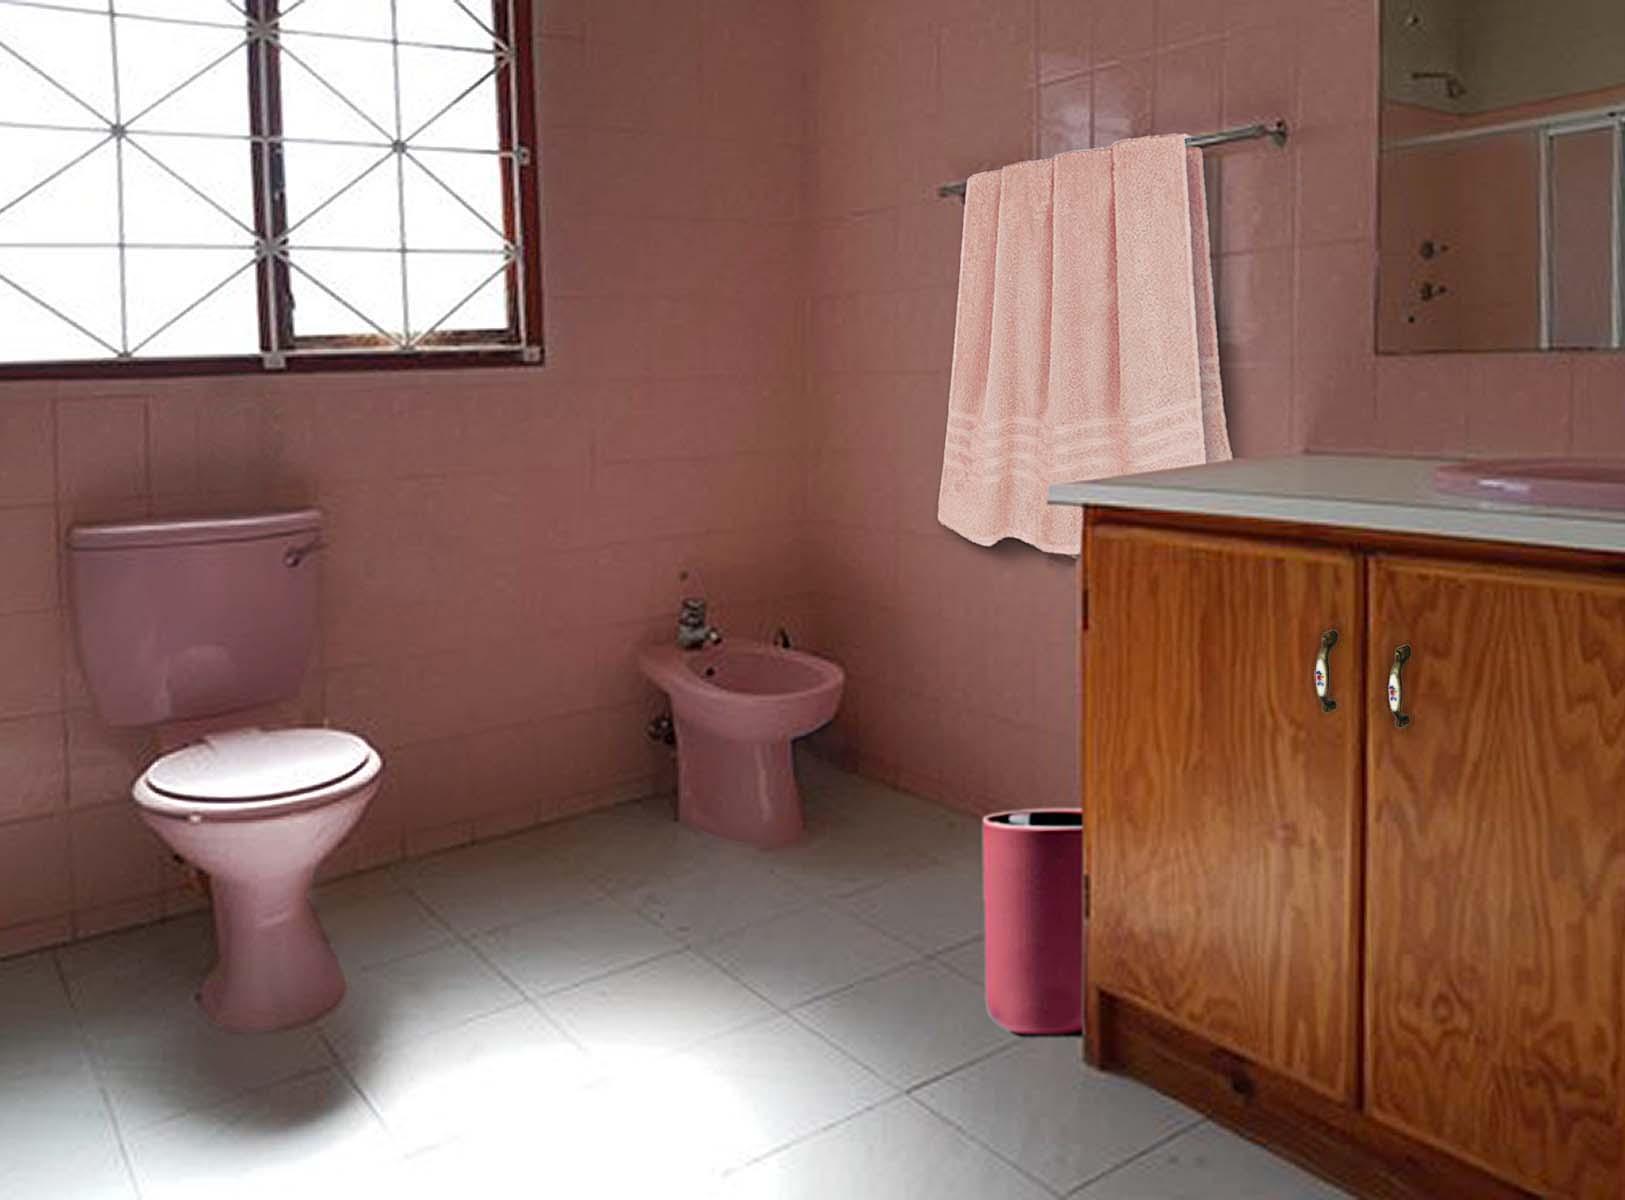 Badezimmer, funktionell, weit entfernt vom Kolonialstil